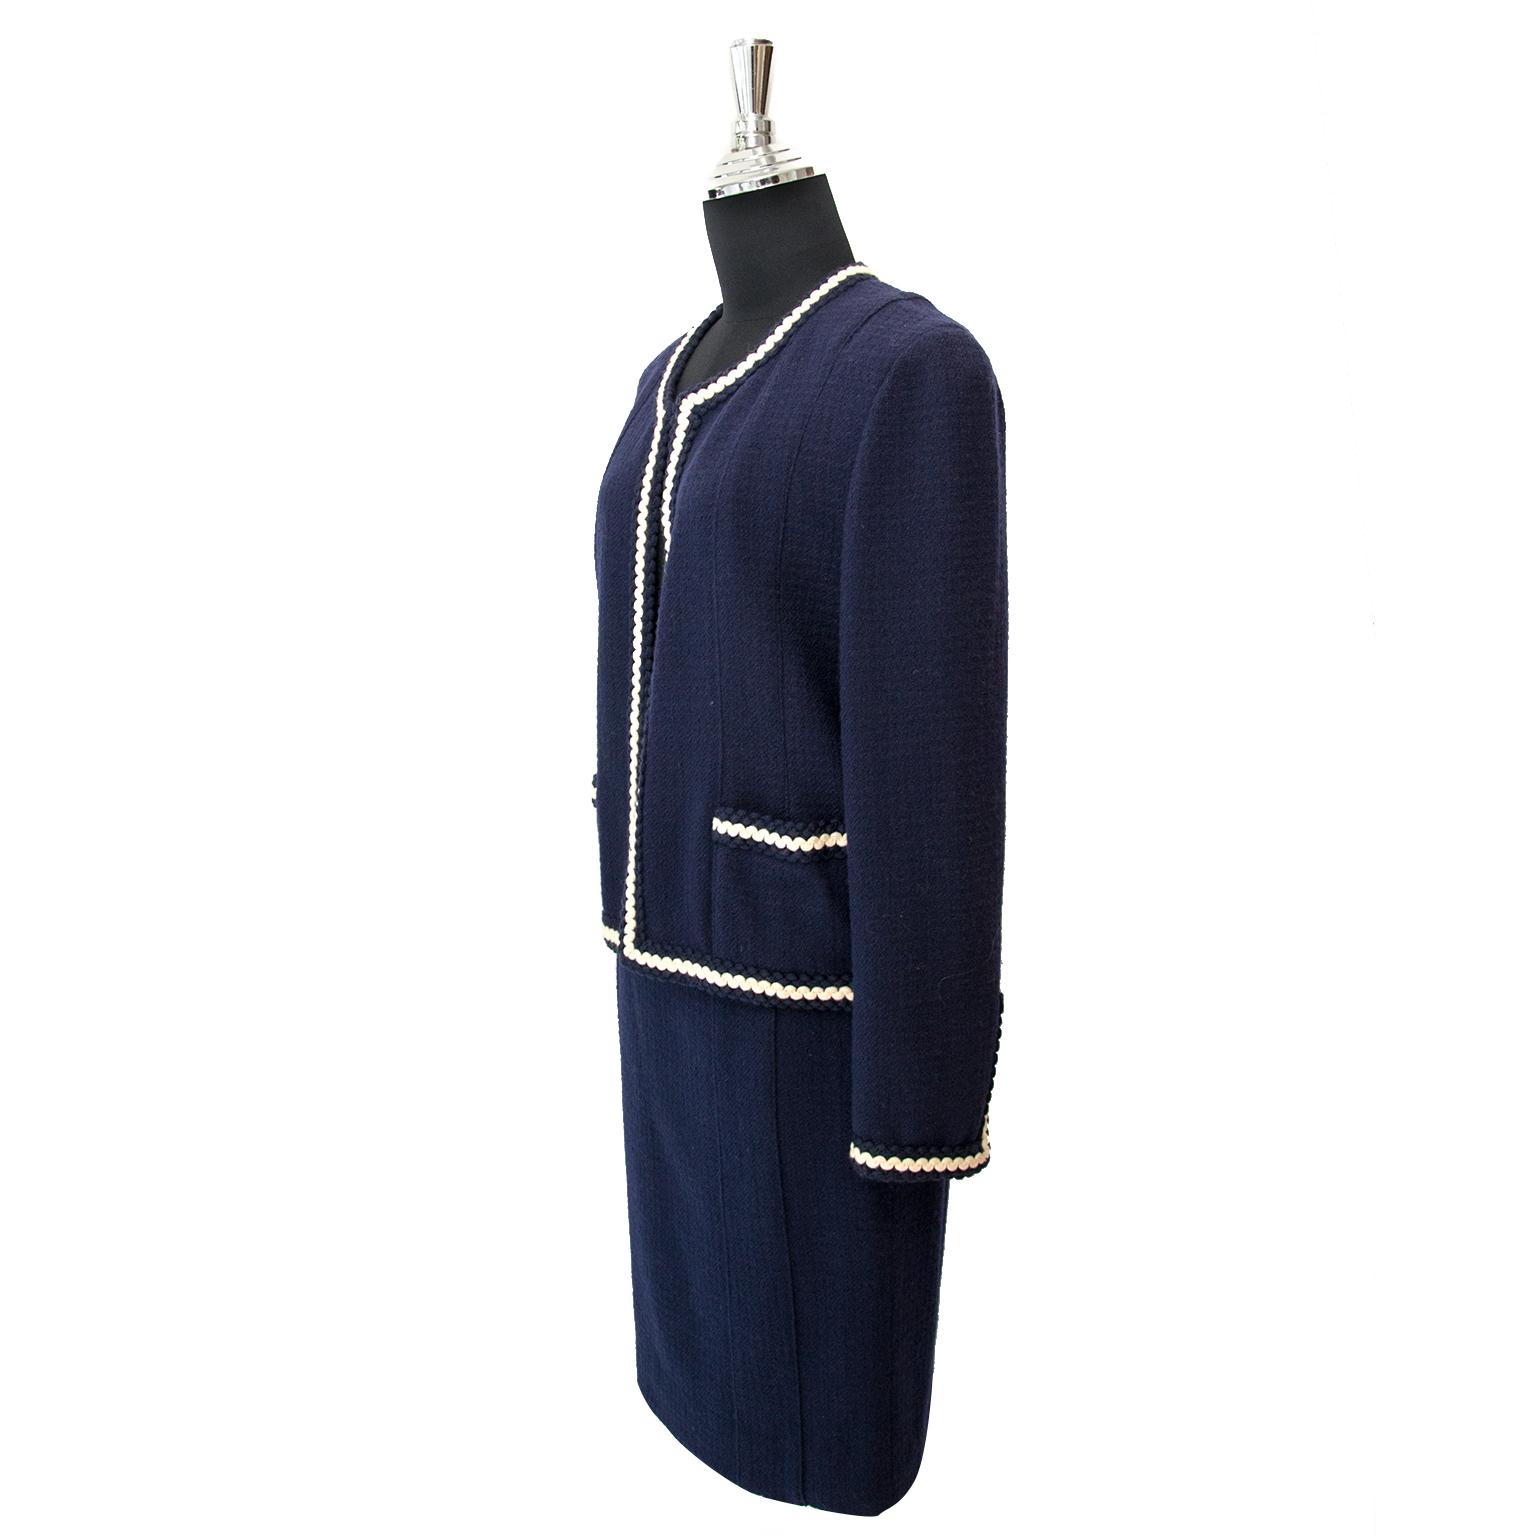 Acheter sans risque Chanel Tailleur Set on www.labellov.com au meilleur prix et assurez-vous d'autheticité